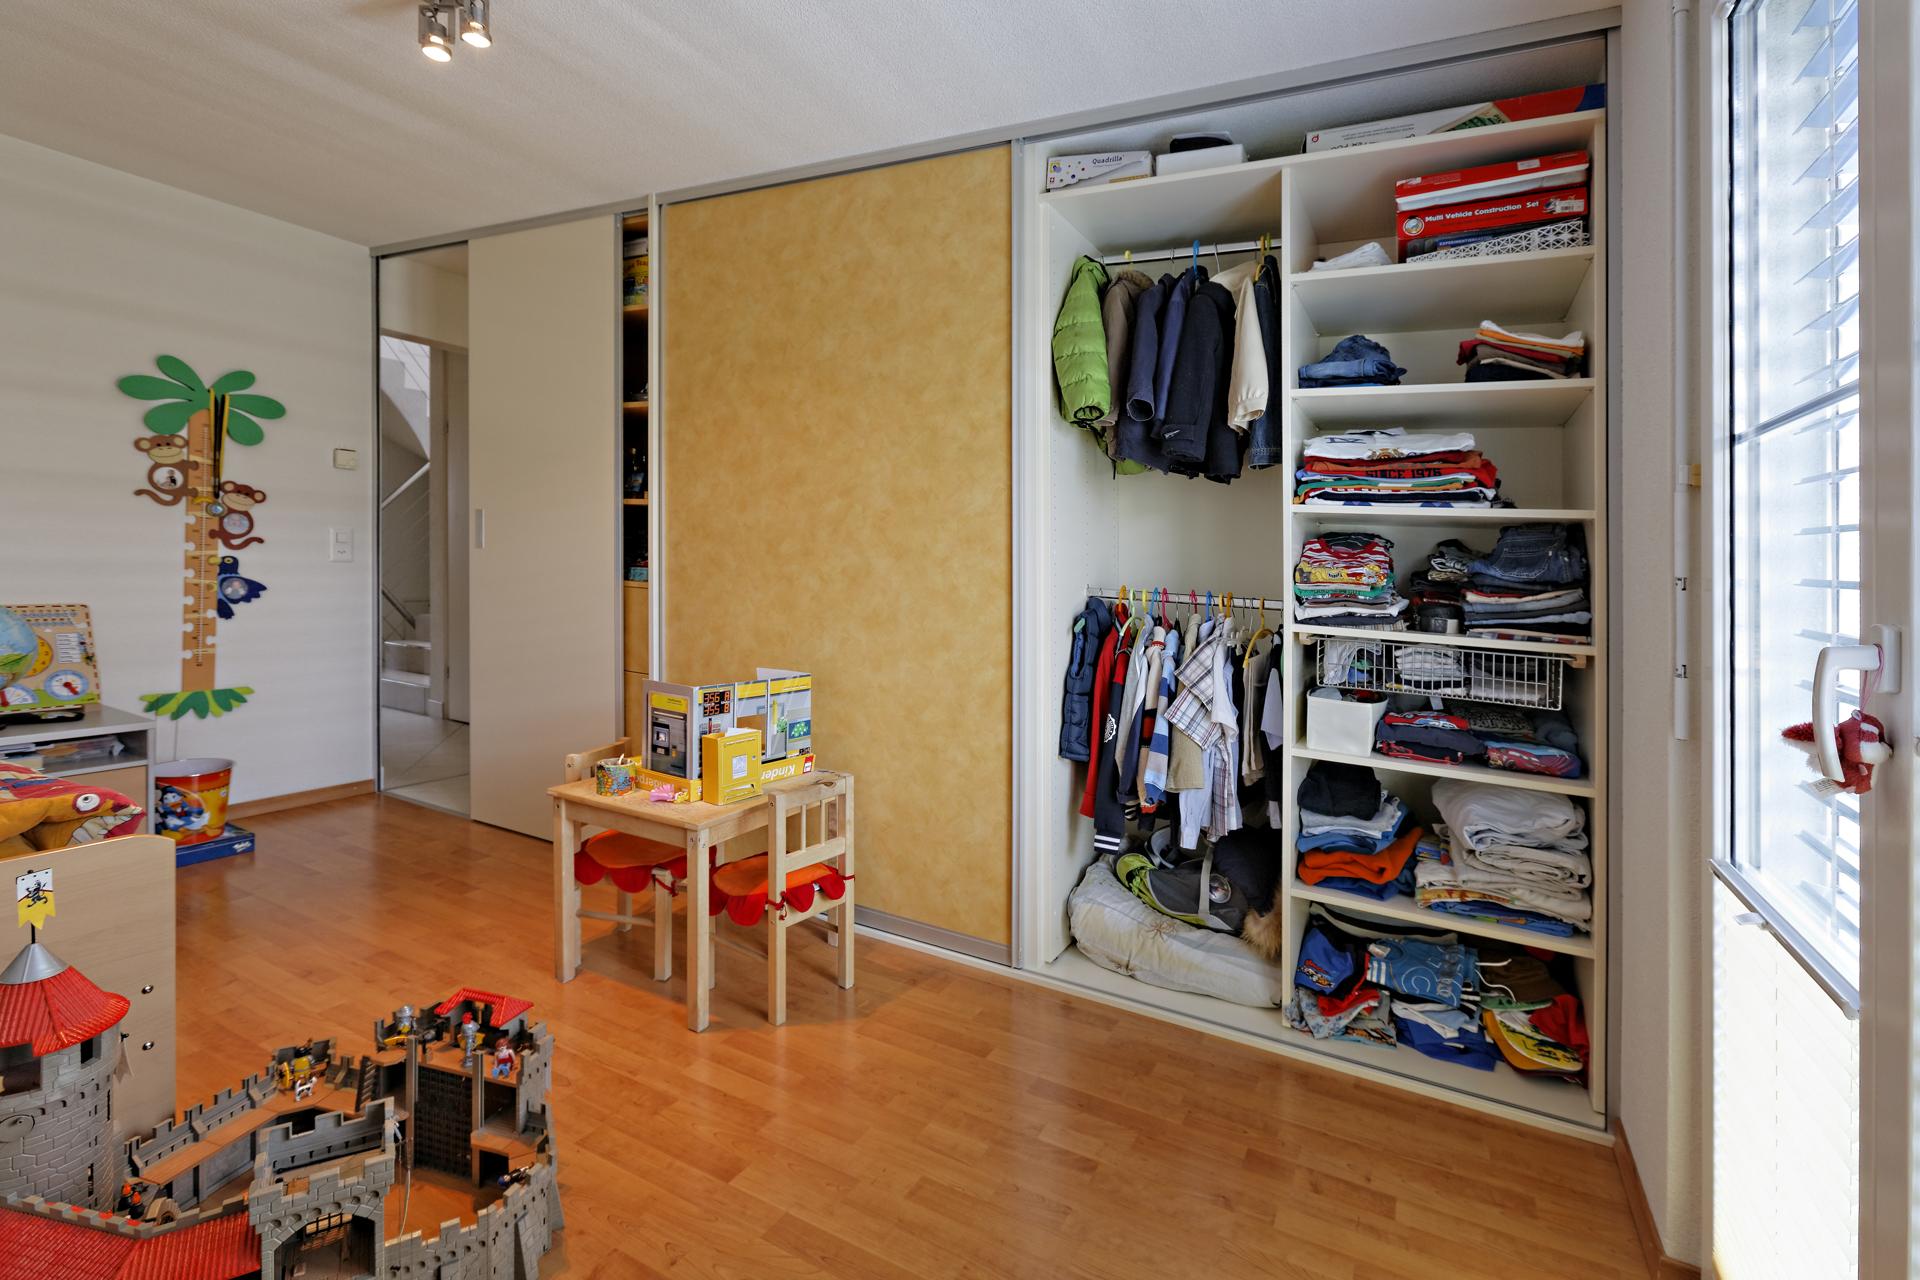 schiebet rwand im kinderzimmer als schrank und durchgang auf zu. Black Bedroom Furniture Sets. Home Design Ideas